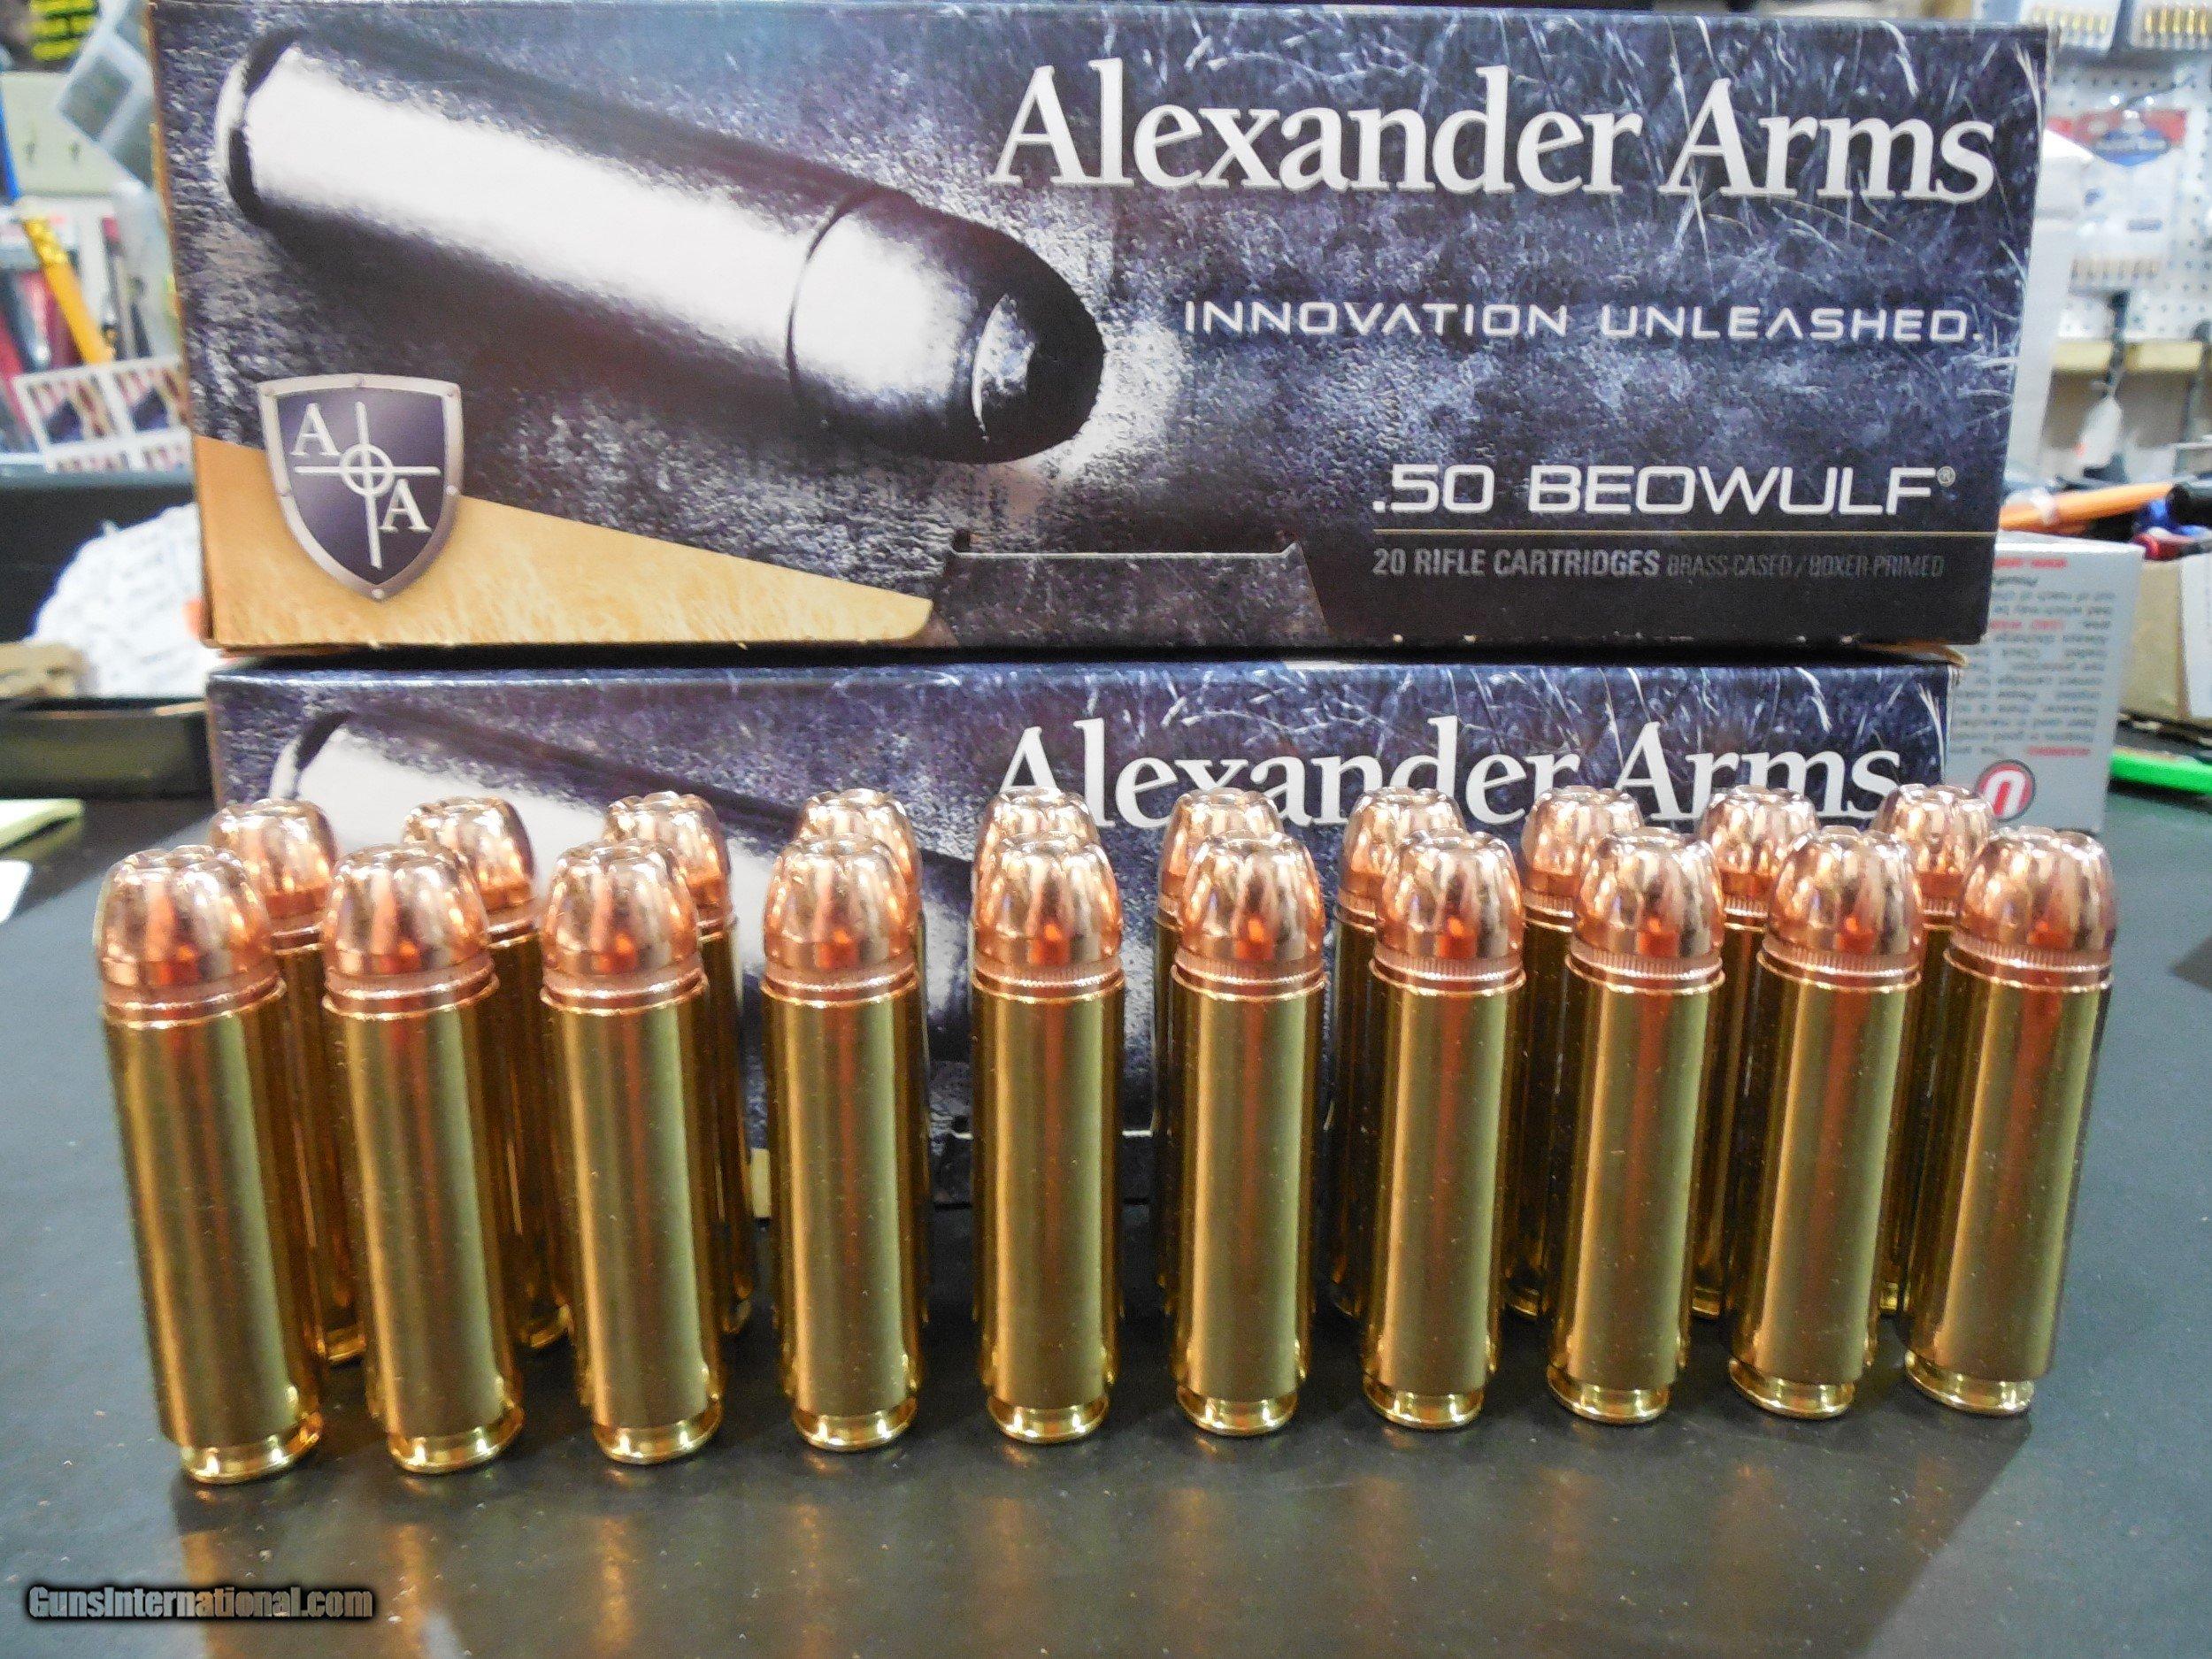 50 BEOWULF, ALEXANDER AMMO, 350 GRAIN XTP-JHP, 20 ROUND